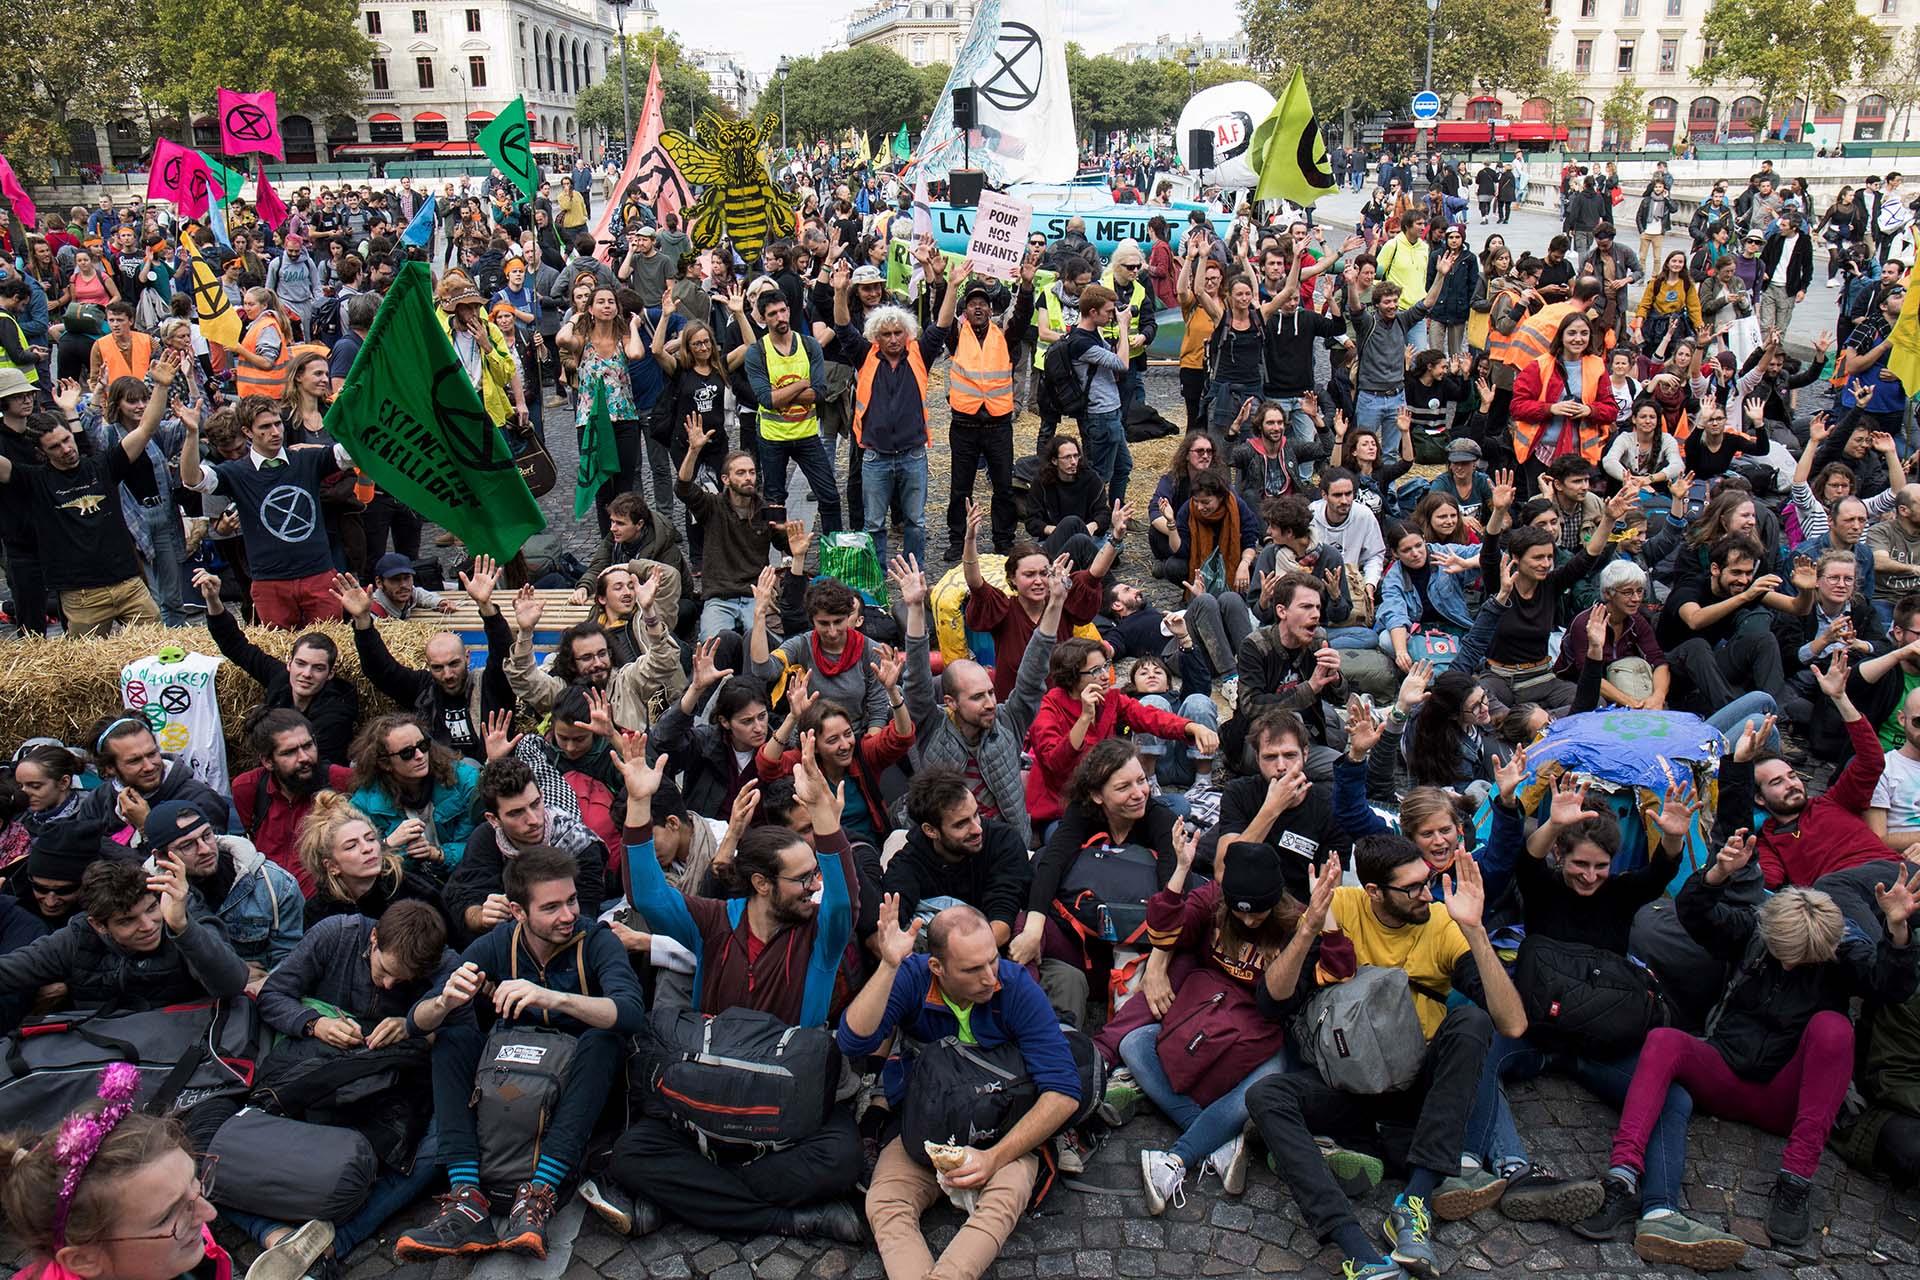 Los manifestantes se sientan en el suelo para bloquear el puente Pont au Change durante una manifestación convocada por el grupo activista del cambio climático Extinction Rebellion, el 7 de octubre de 2019 frente a la Conciergerie en París. (AFP)